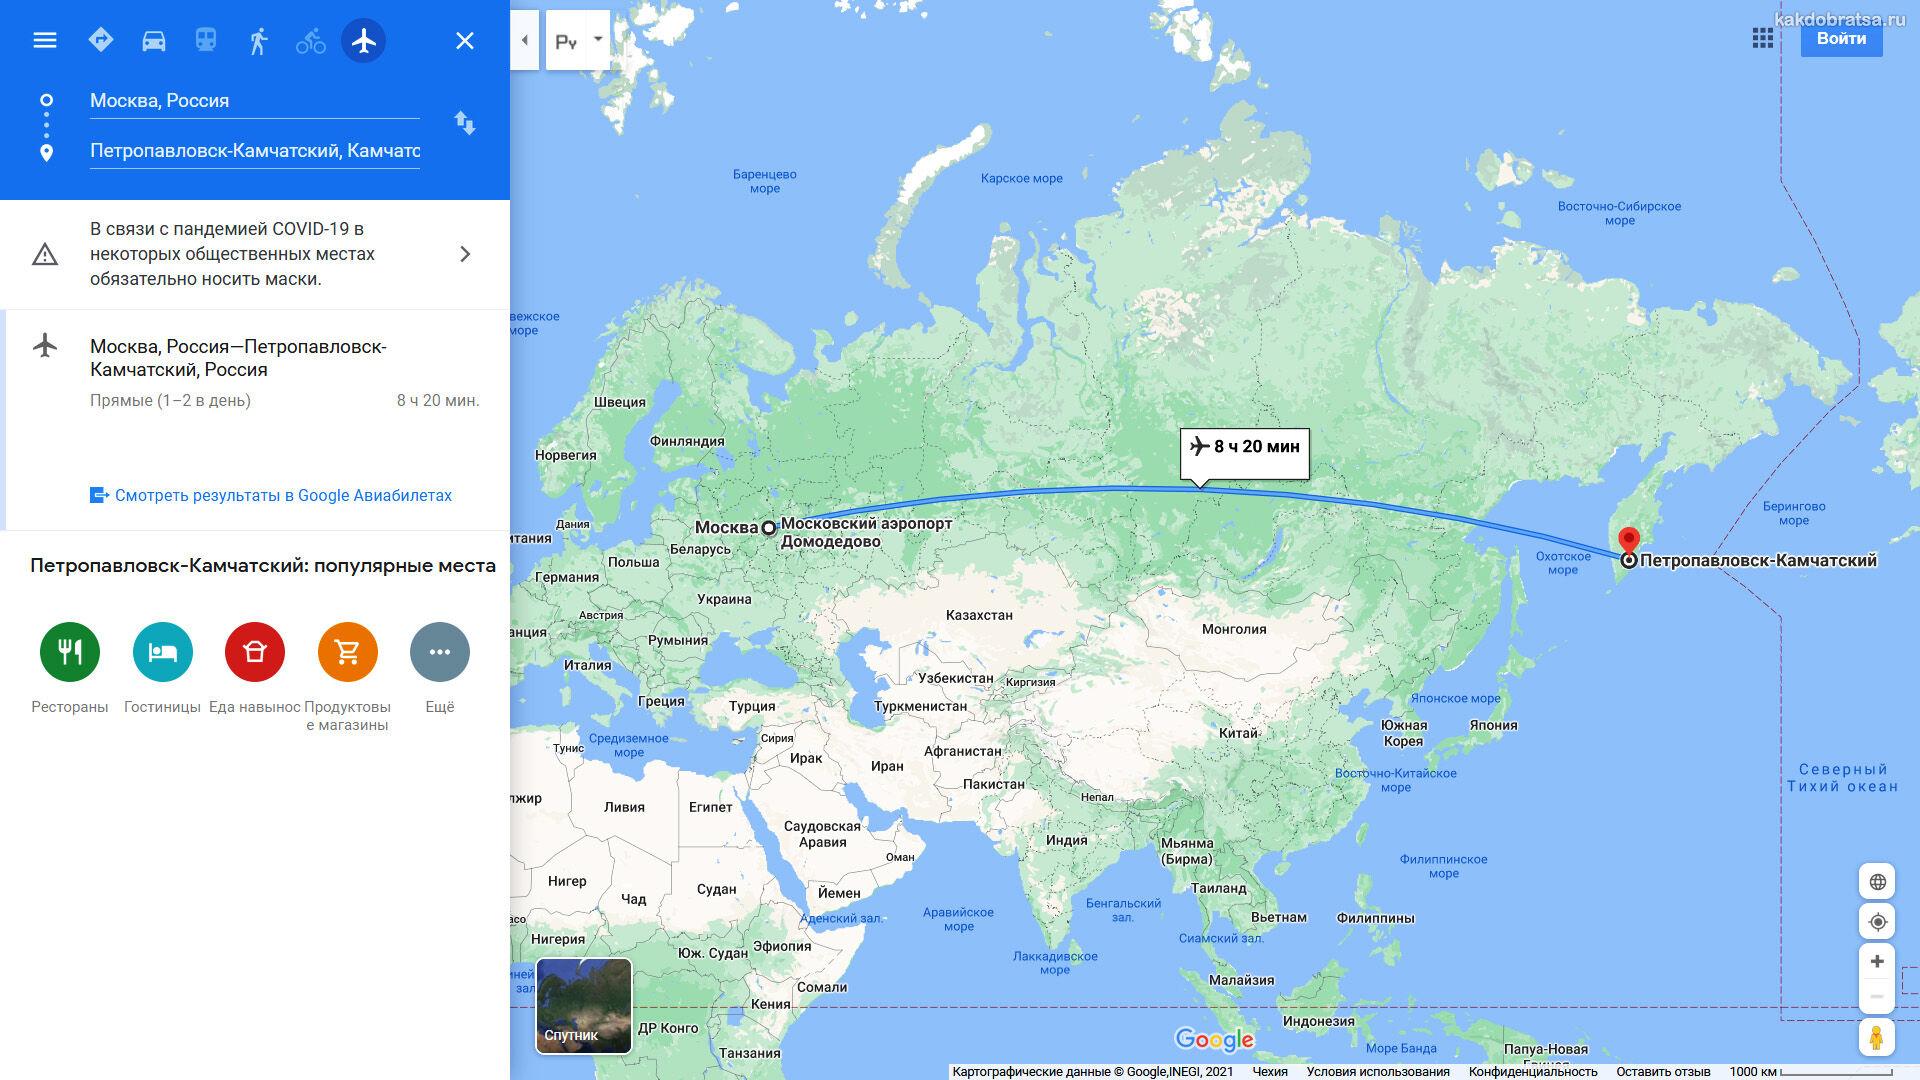 Расстояние между Москвой и Камчаткой на карте